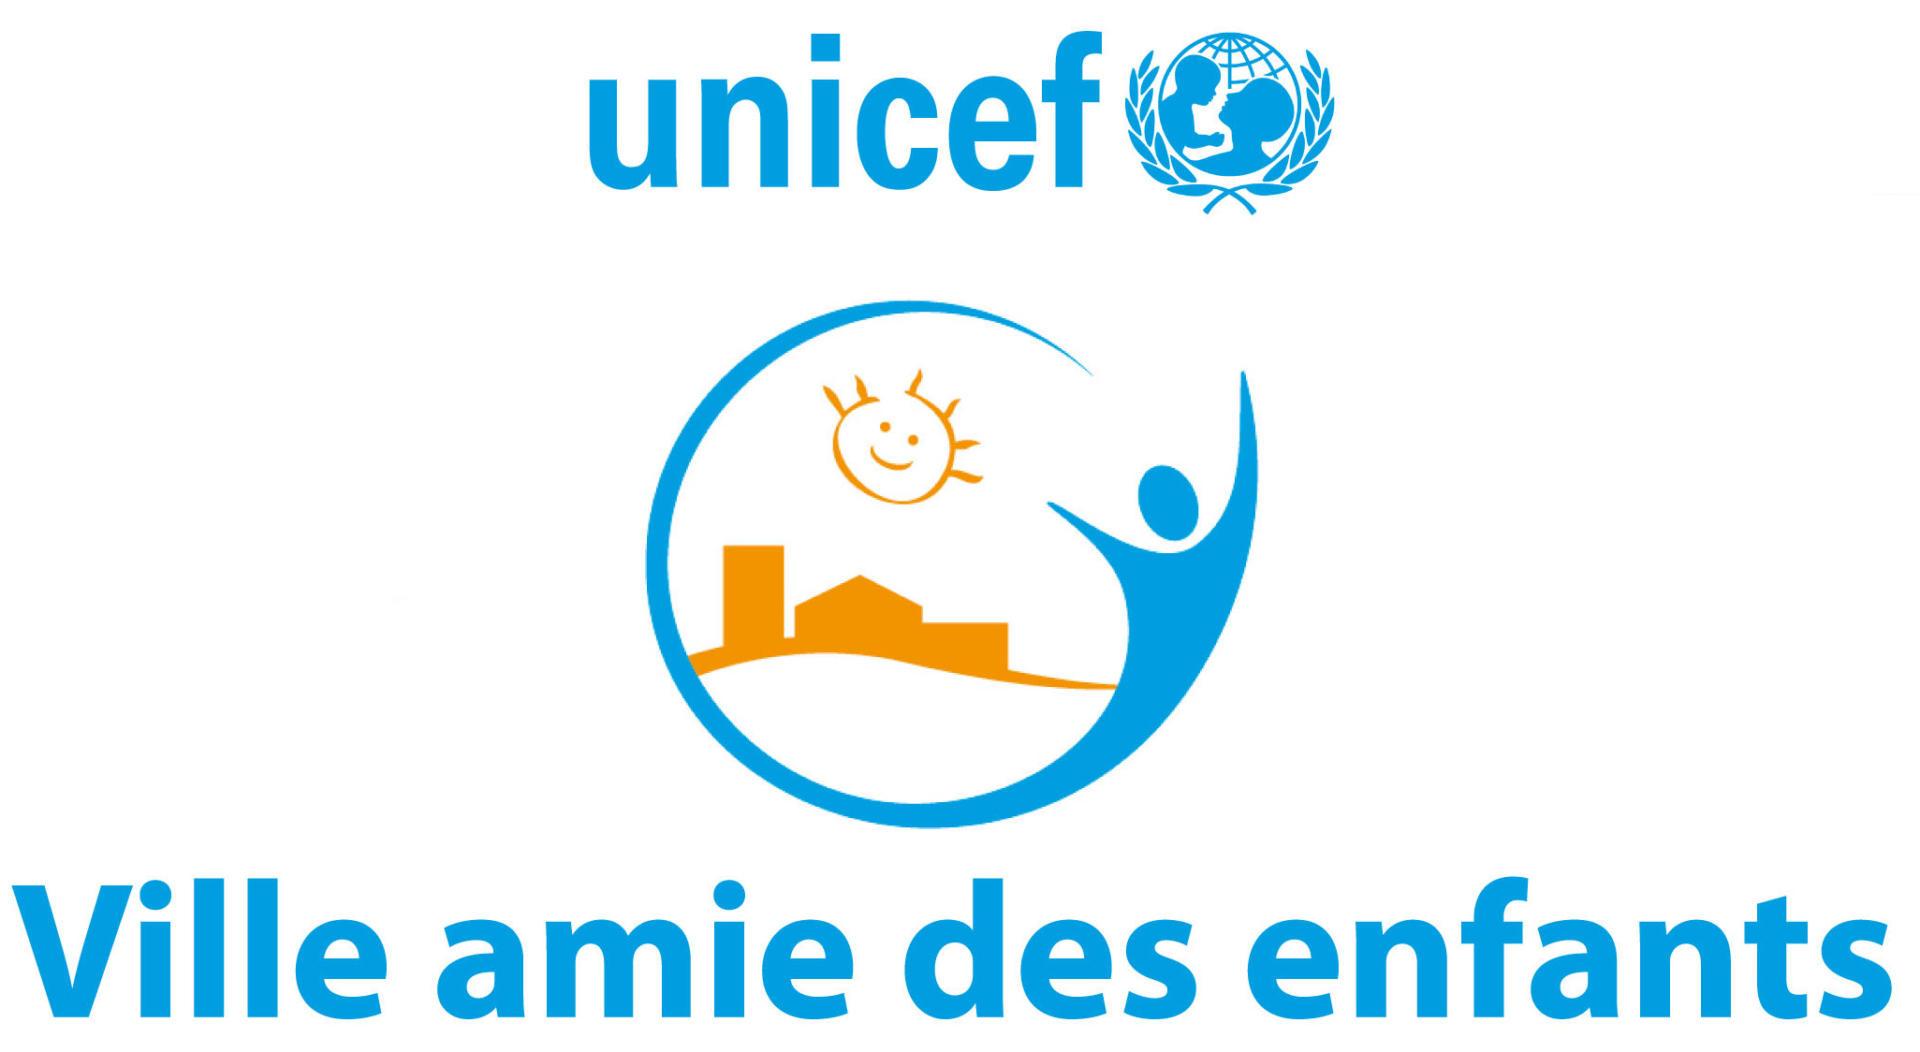 UNICEF-ville amies des enfants